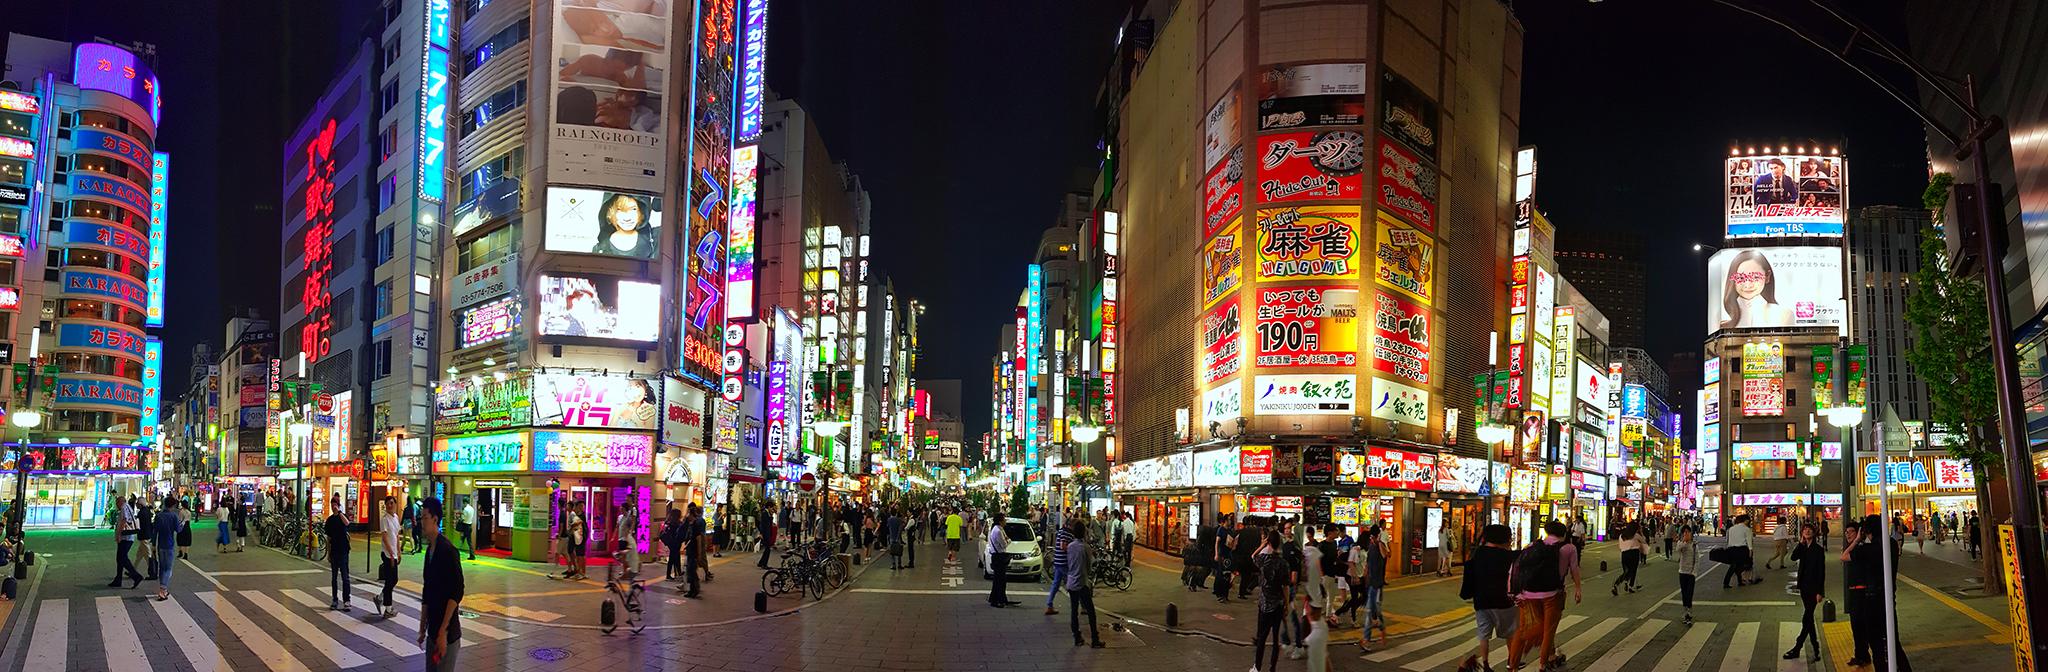 Barrio de Shinjuku - Tokyo - Tokio / Viajar a Japón - ruta por Japón en dos semanas ruta por japón en dos semanas - 36904414295 a83a15de66 o - Nuestra Ruta por Japón en dos semanas (Diario de Viaje a Japón)